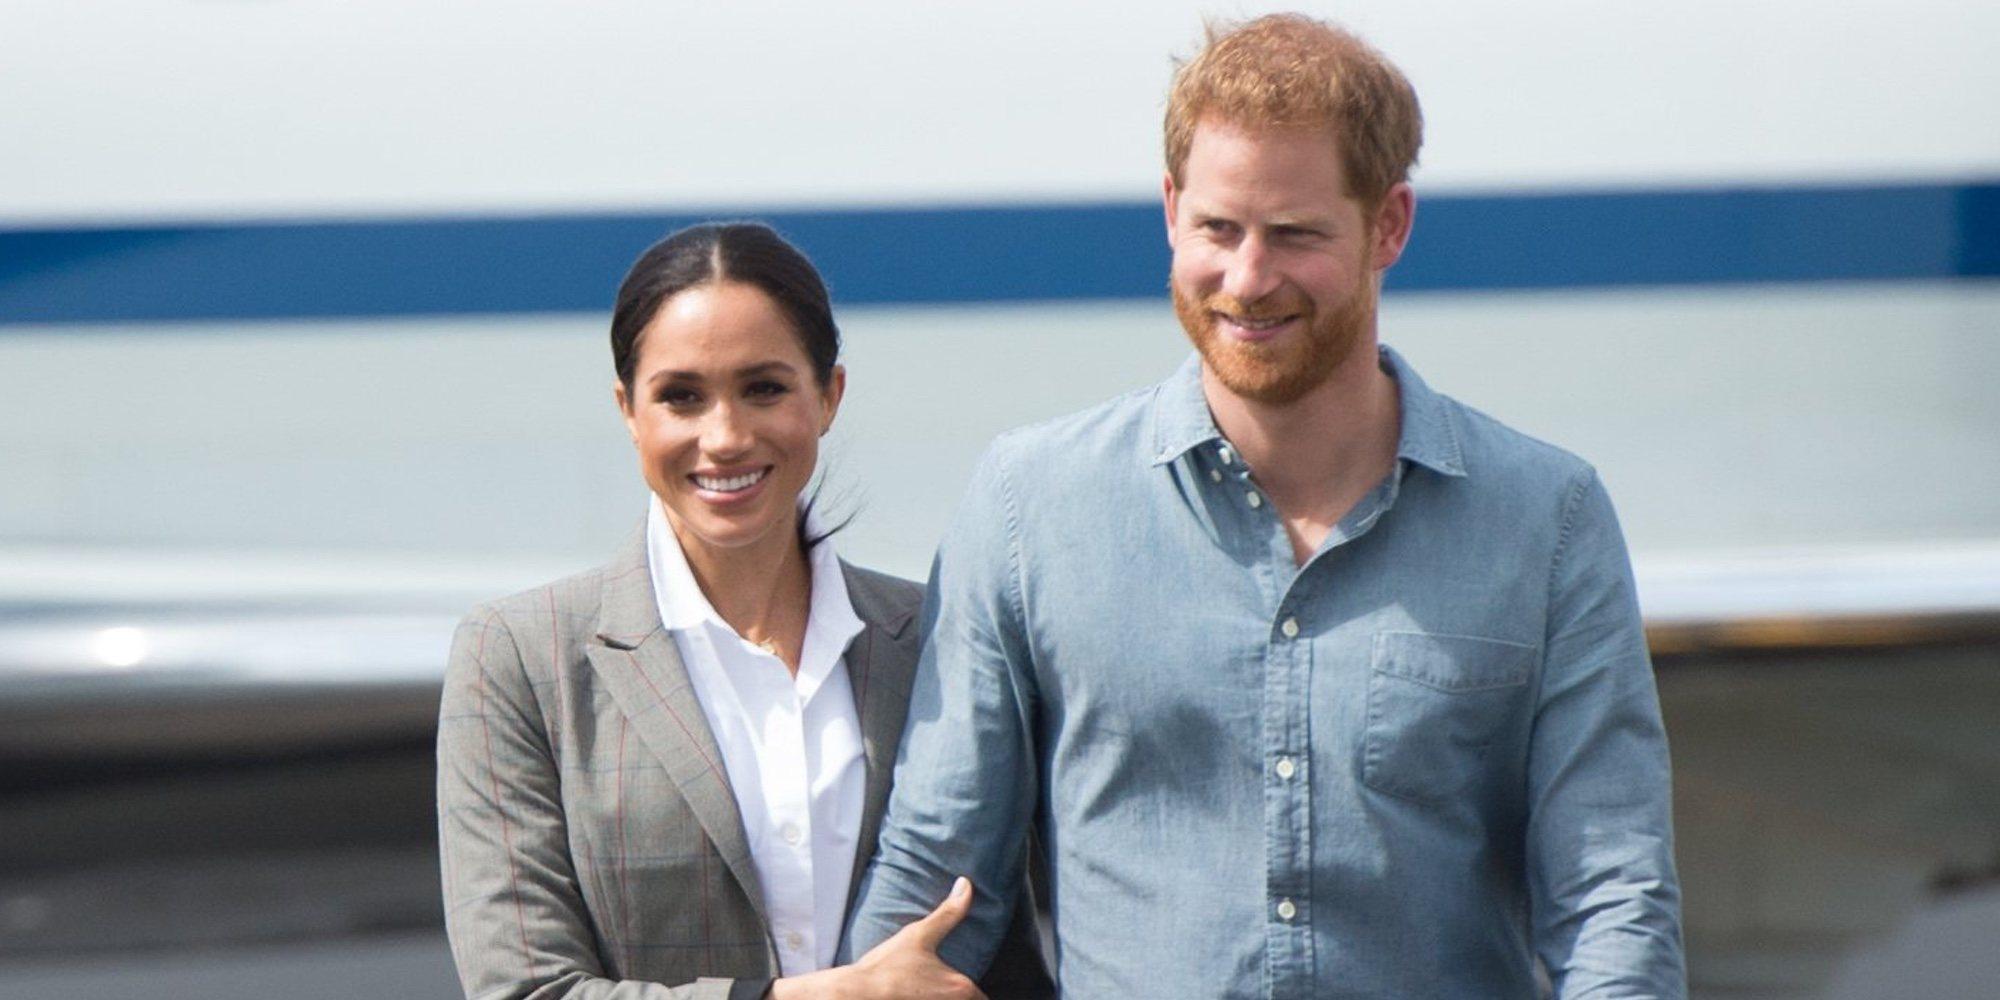 El Príncipe Harry y Meghan Markle dicen adiós a su casa de Cotswolds tras ser descubierta